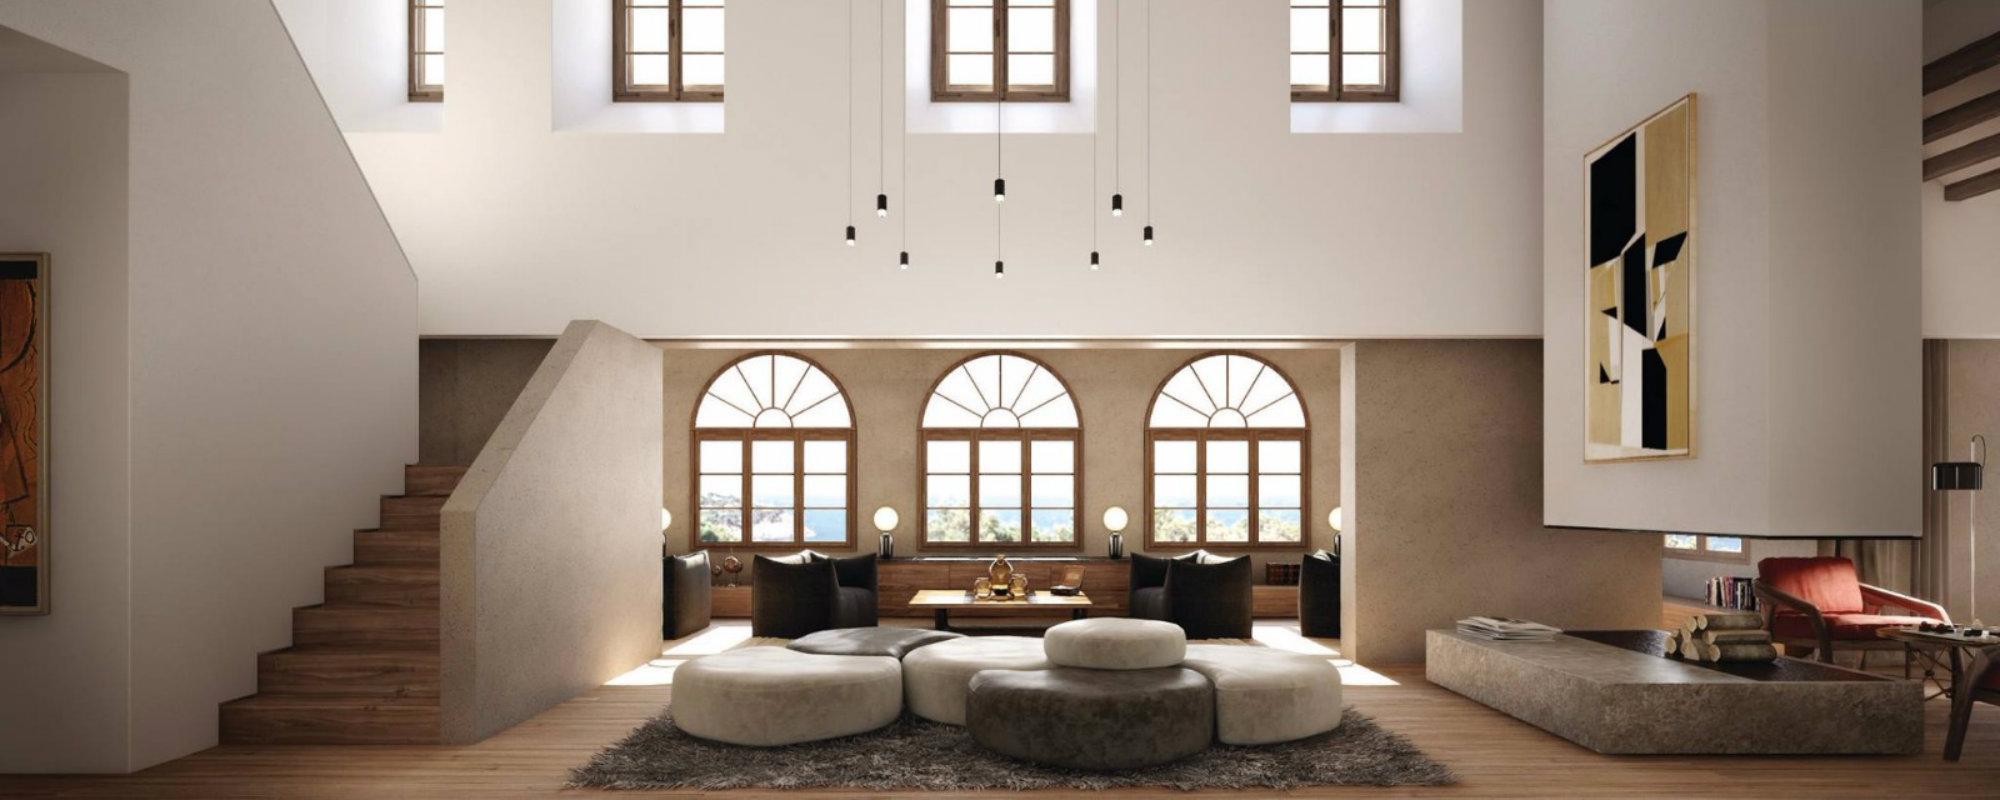 LUV Studio: Una Tendencia de lujo, diseño y arquitectura Tendencia de lujo LUV Studio: Una Tendencia de lujo, diseño y arquitectura Featured 5